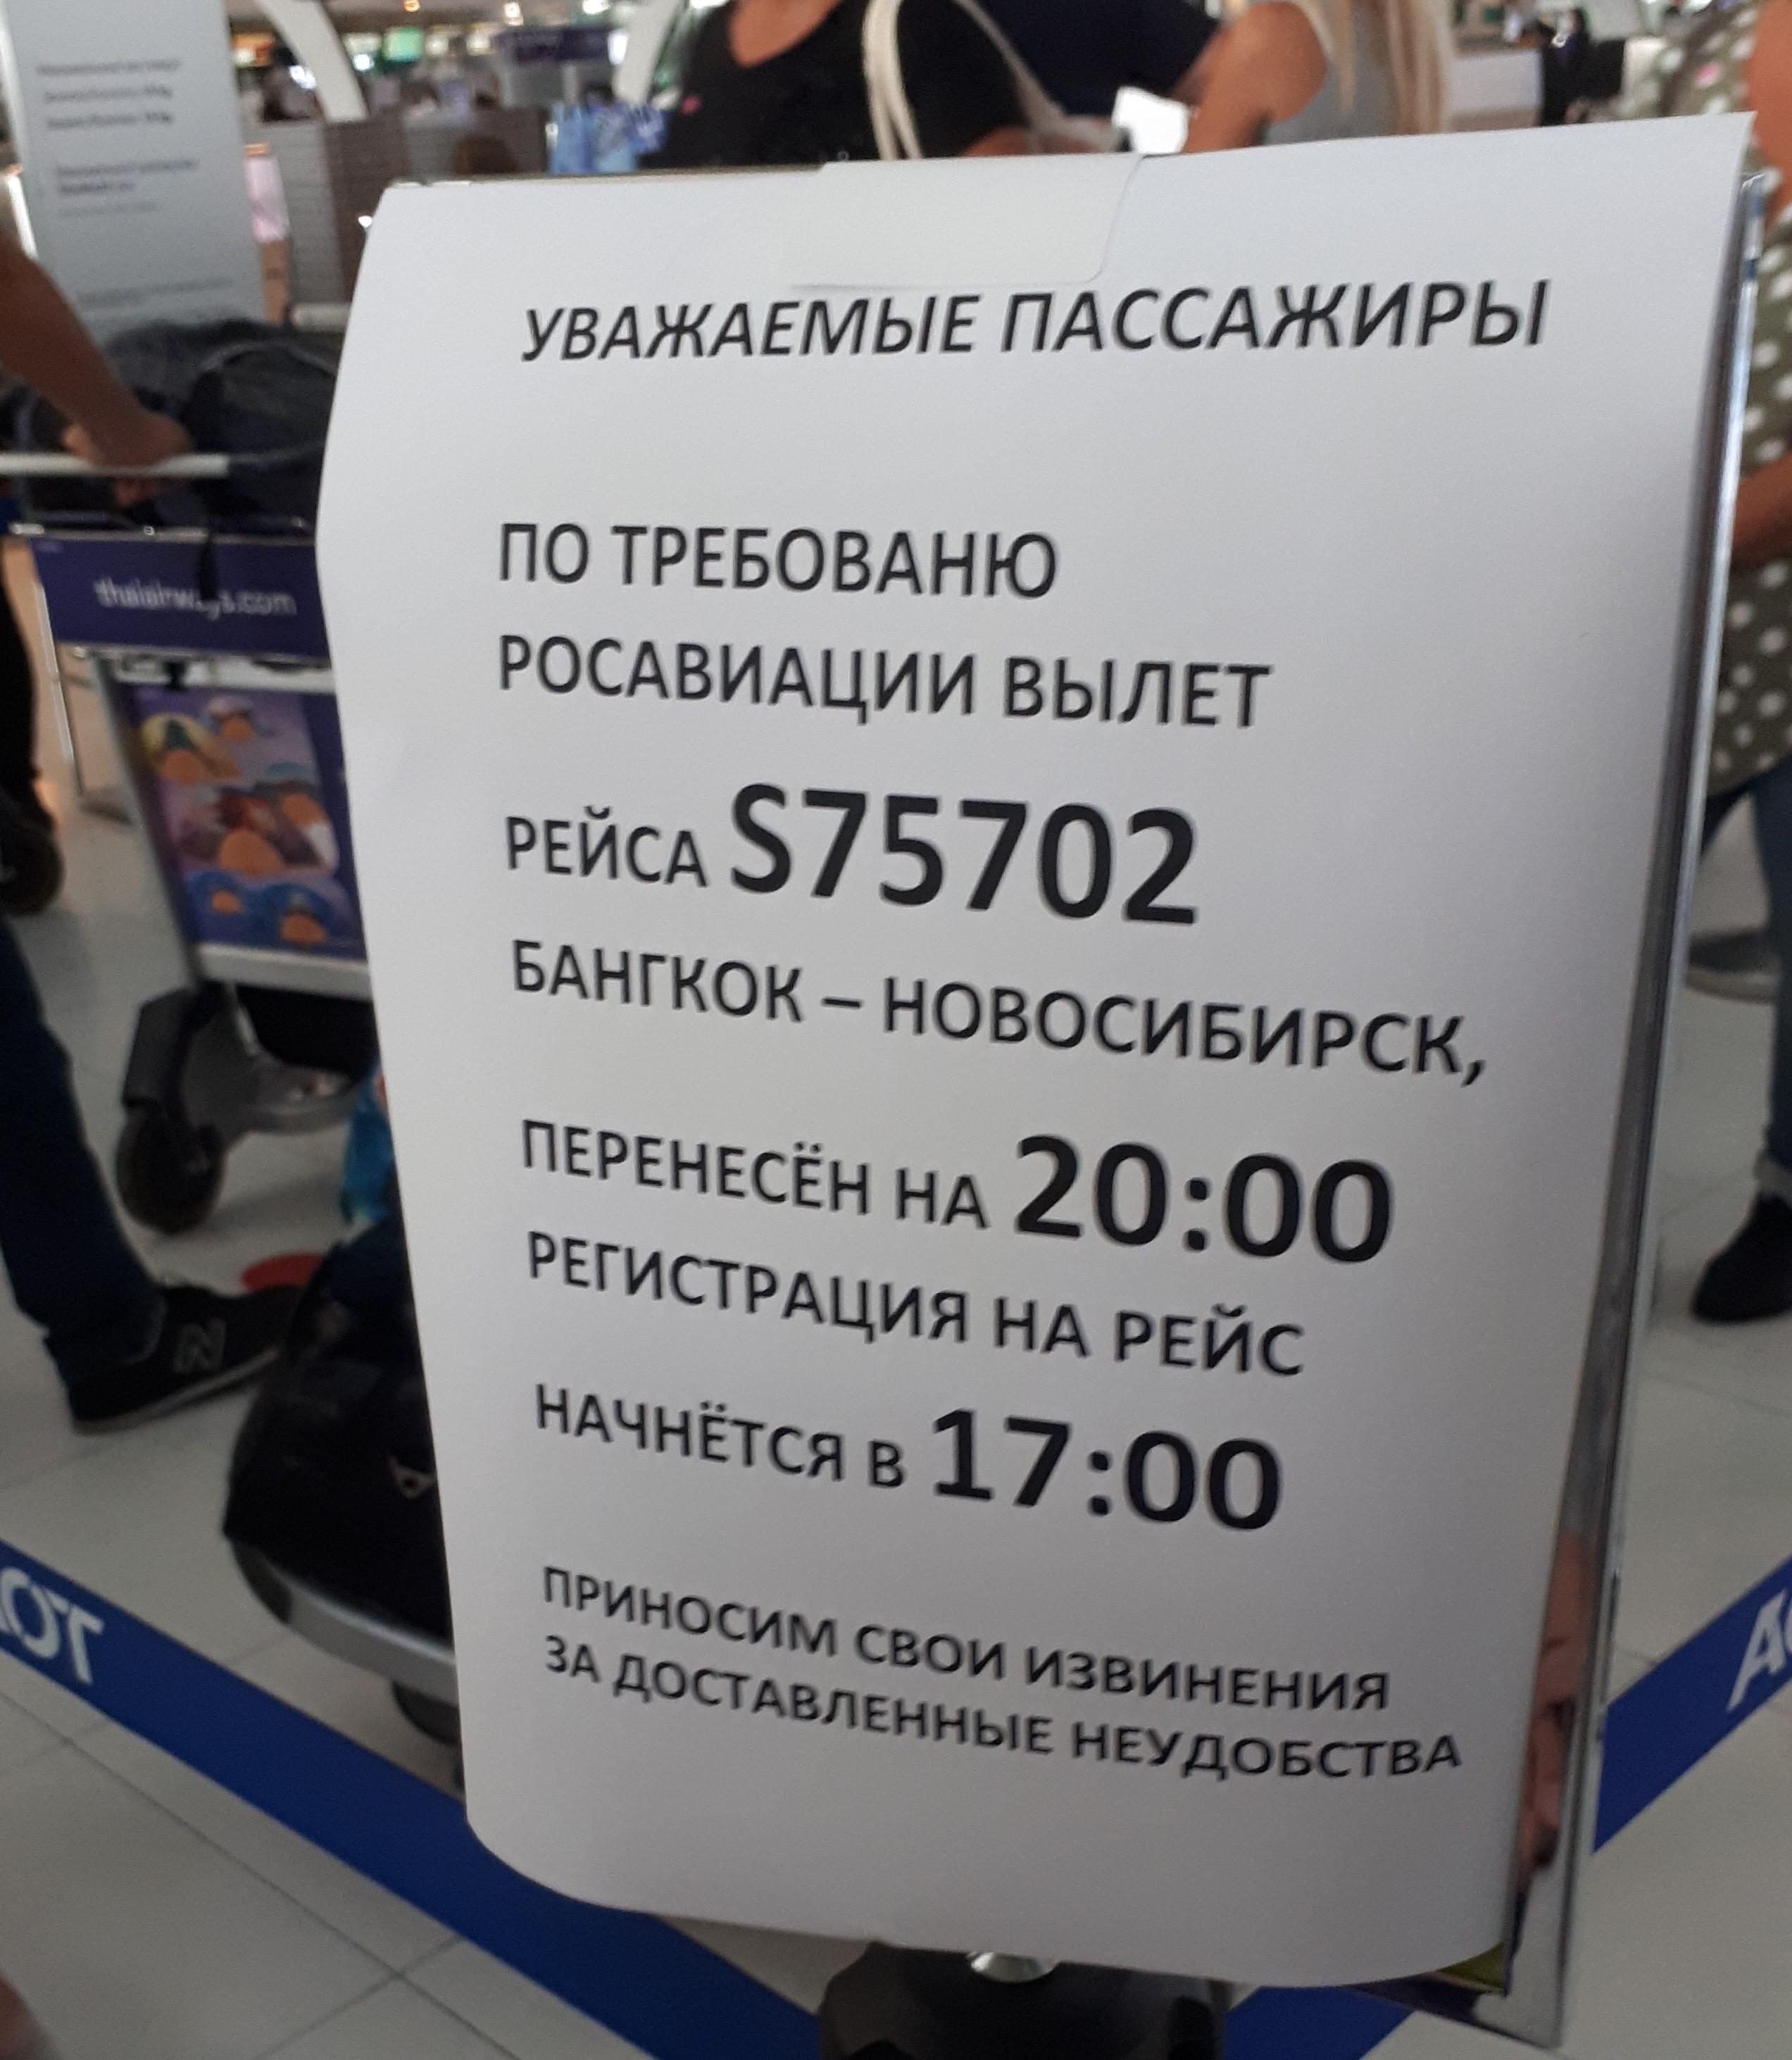 Такое объявление висит в аэропорту.